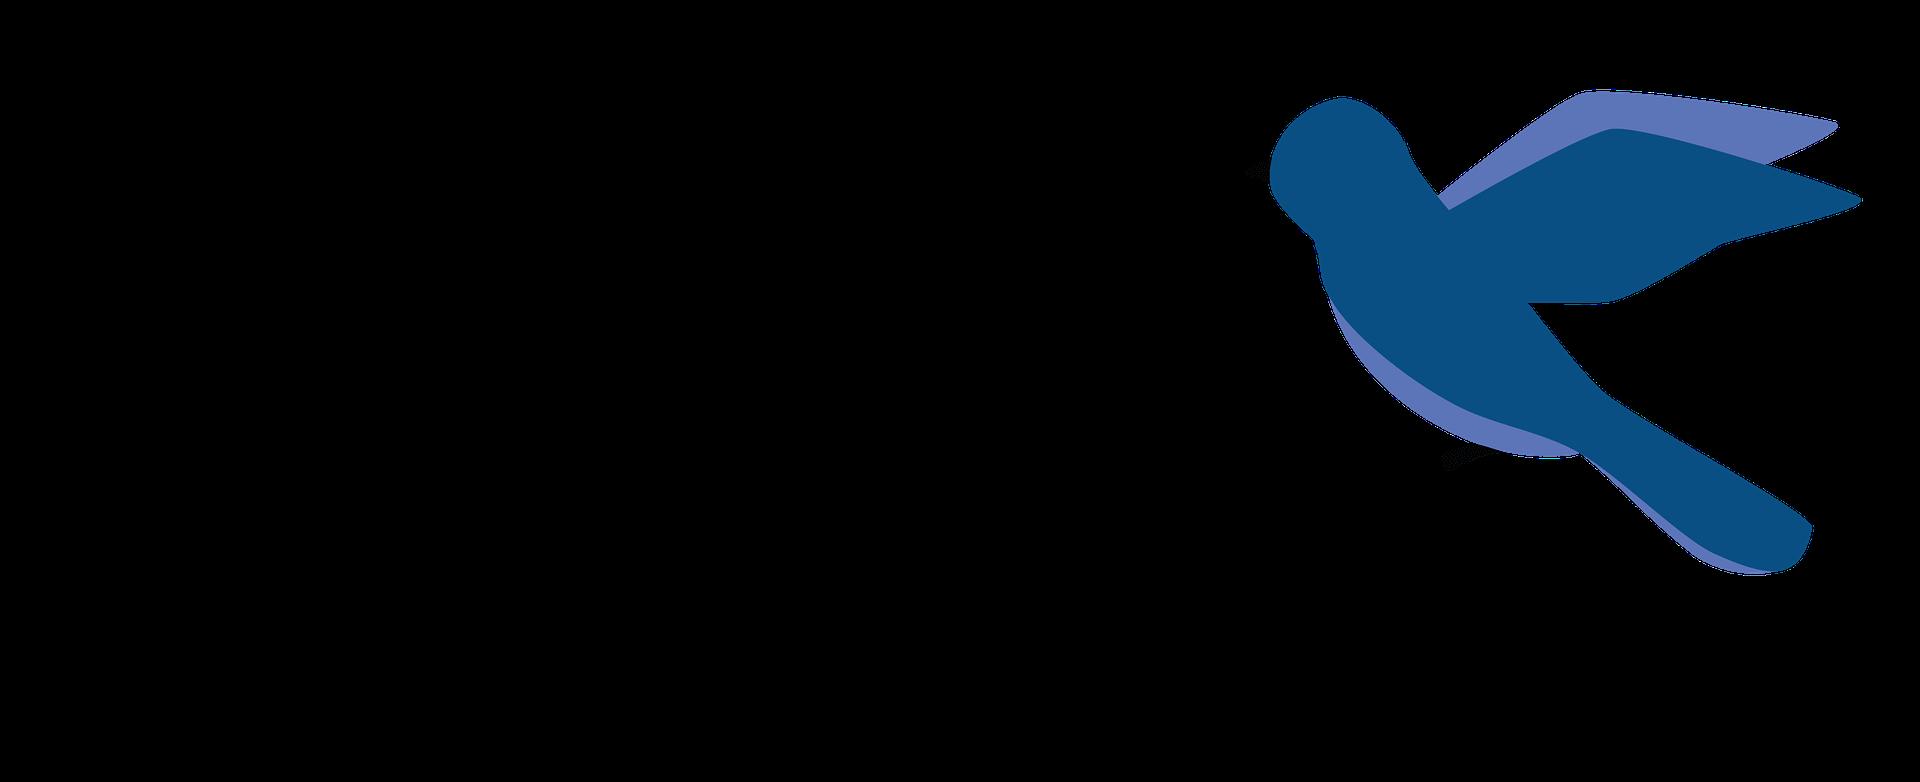 Horizontal Copy Martin logo blue